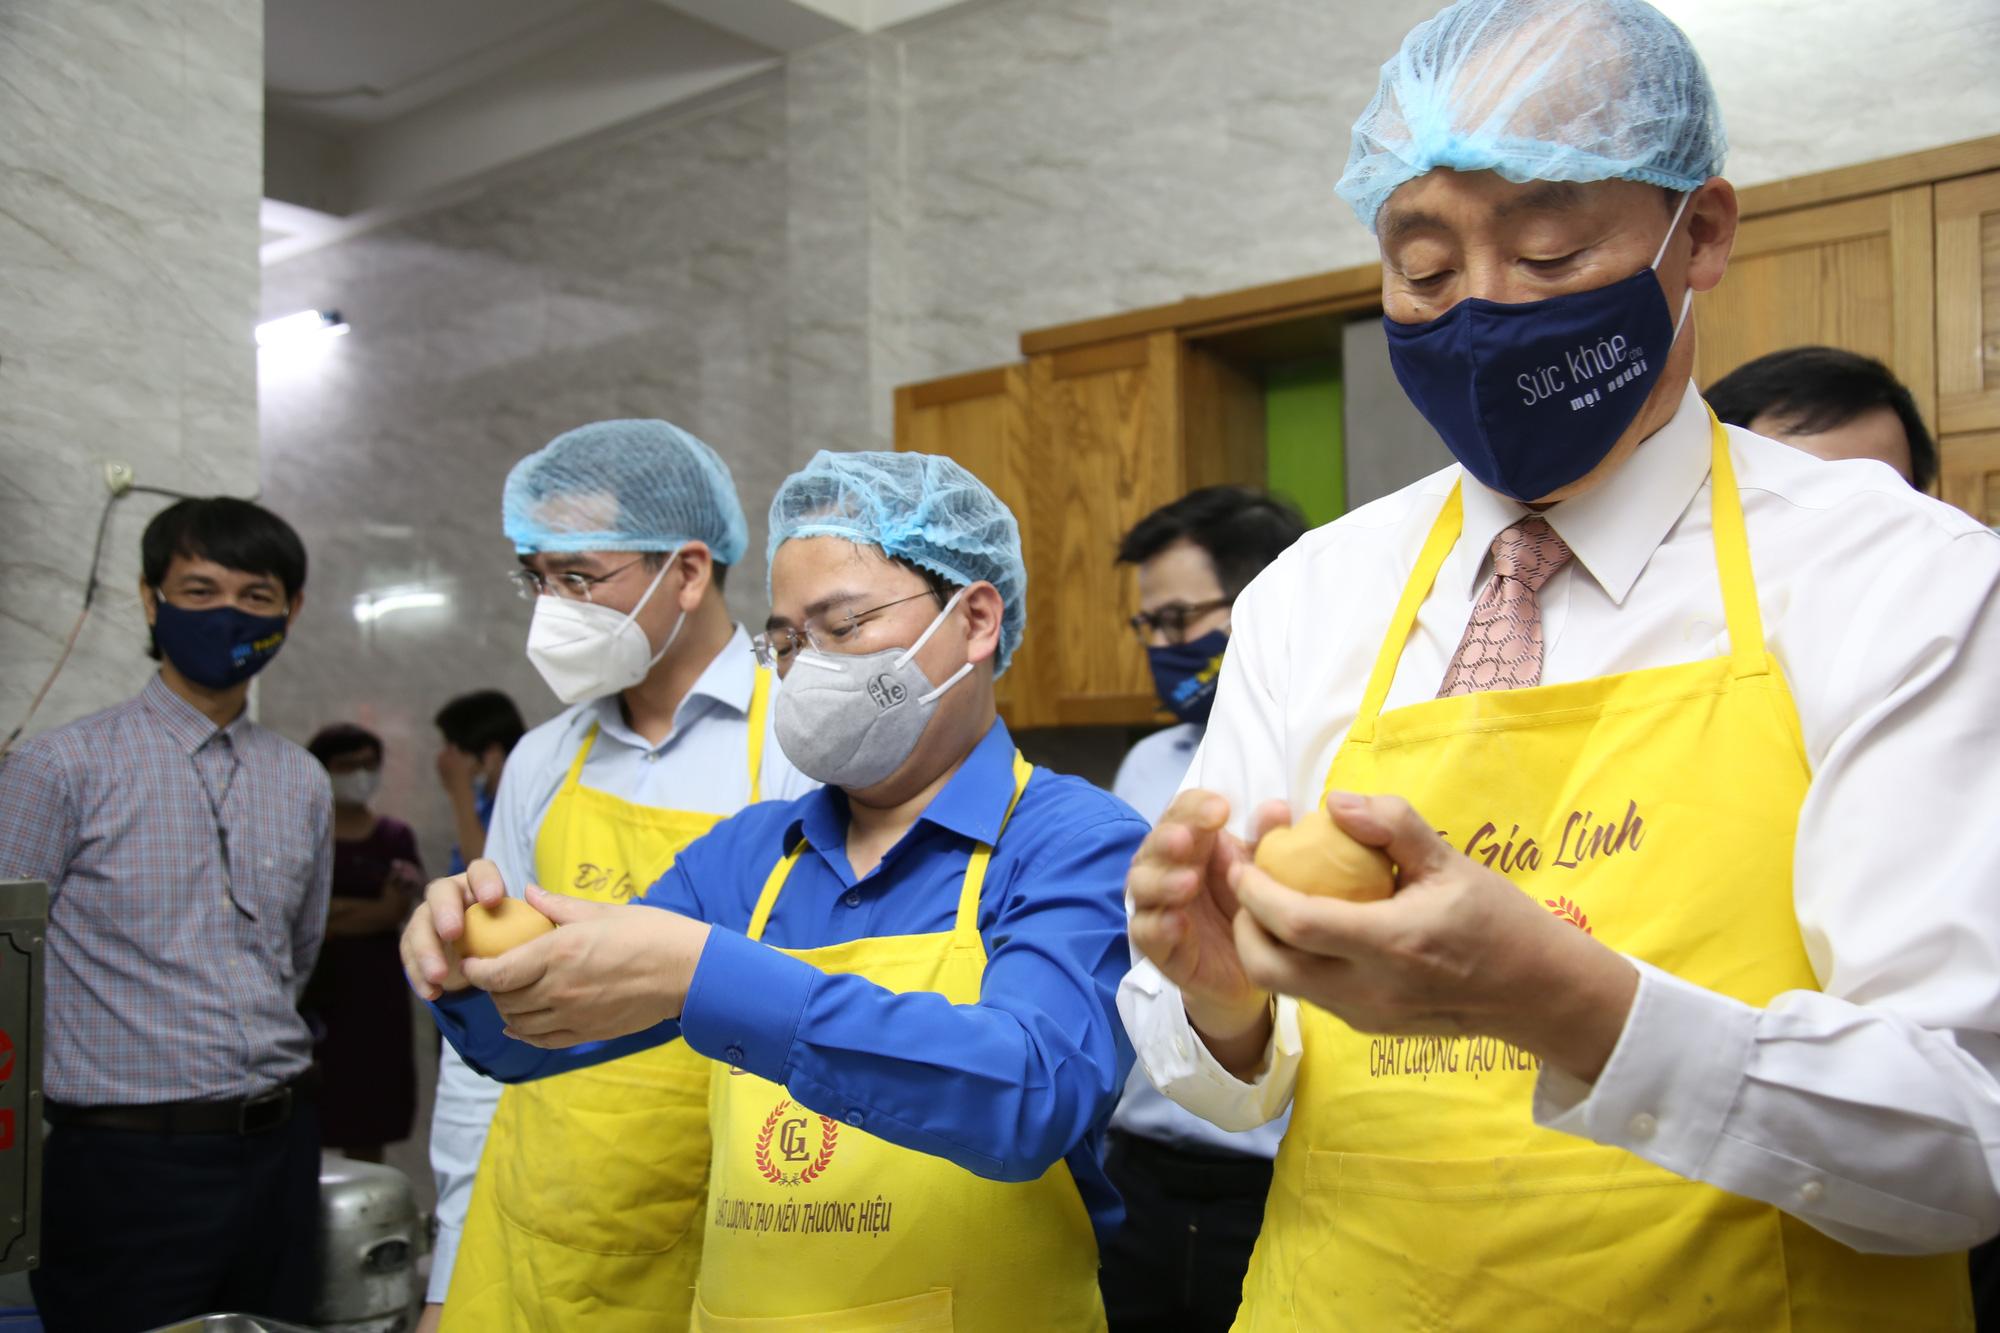 Hội Thầy thuốc trẻ, đại diện WHO tại Việt Nam xuống bếp làm bánh trung thu tặng tuyến đầu chống dịch - Ảnh 2.